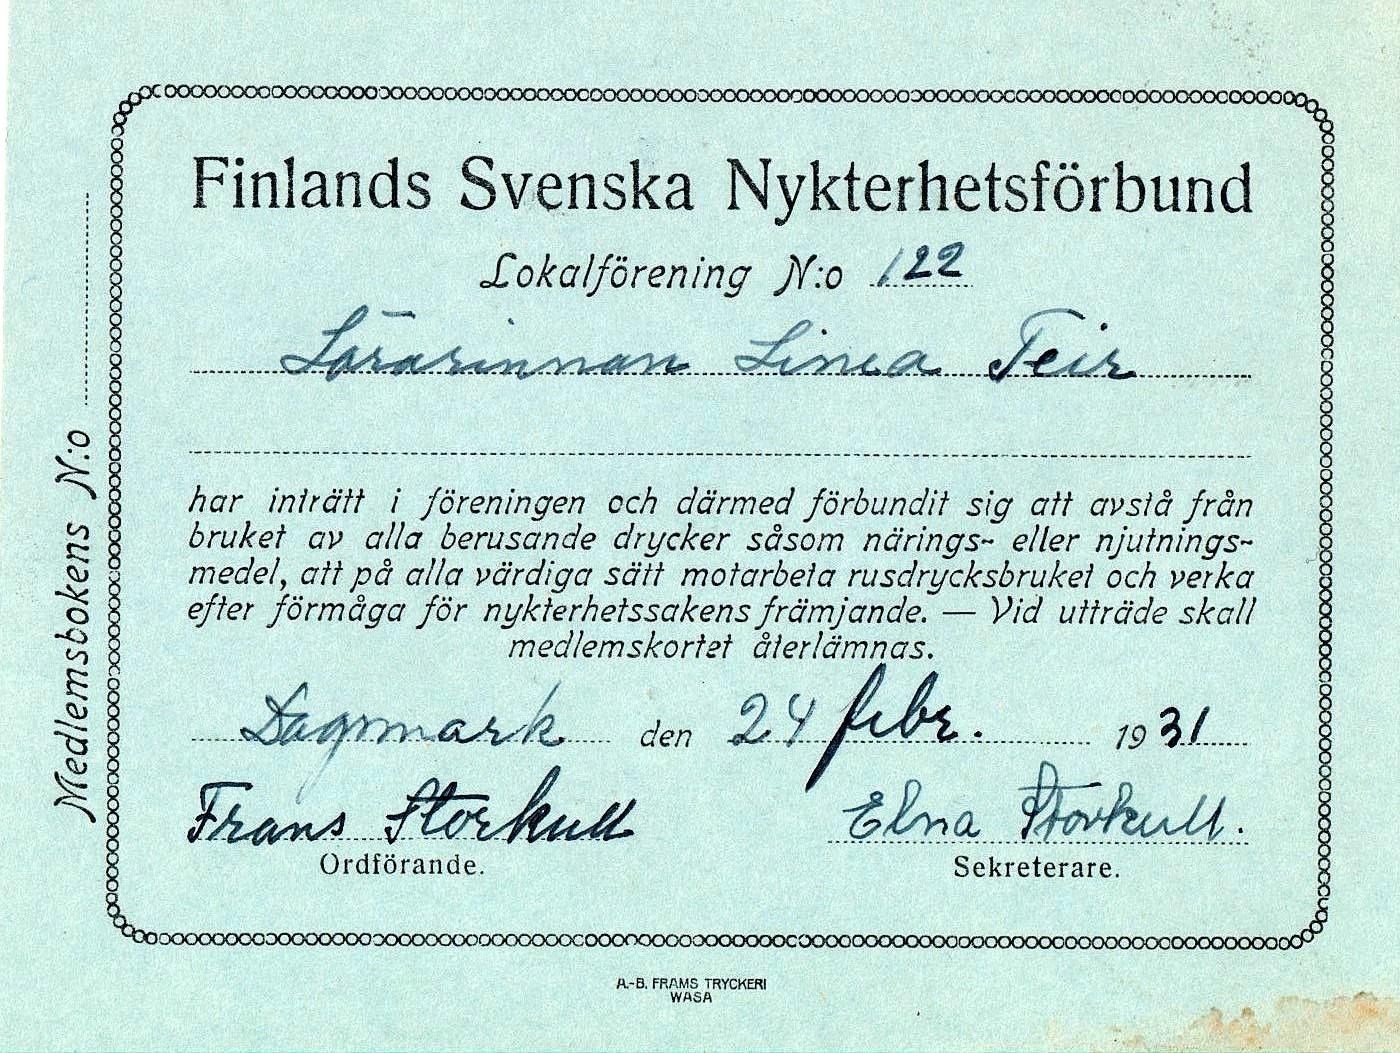 Medlemmarna fick tydliga medlemskort i lokalföreningen nr 122. Så här såg lärarinnan Linnea Teirs kort ut.